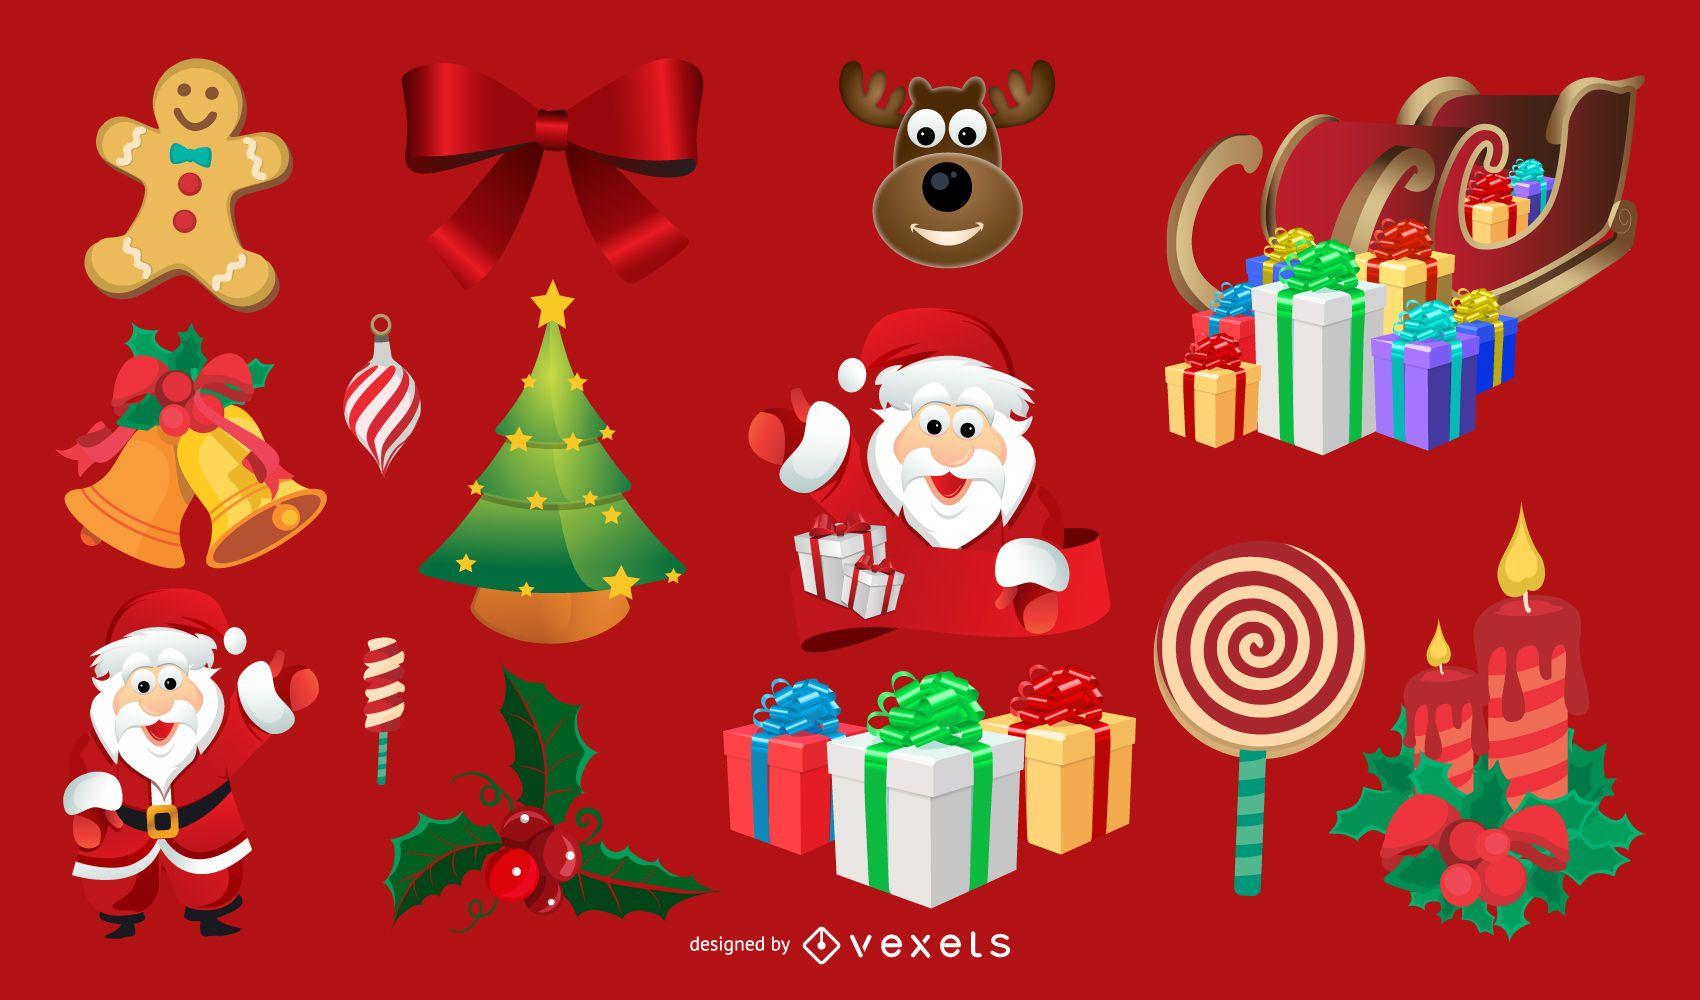 Elementos de arte vectorial de Navidad